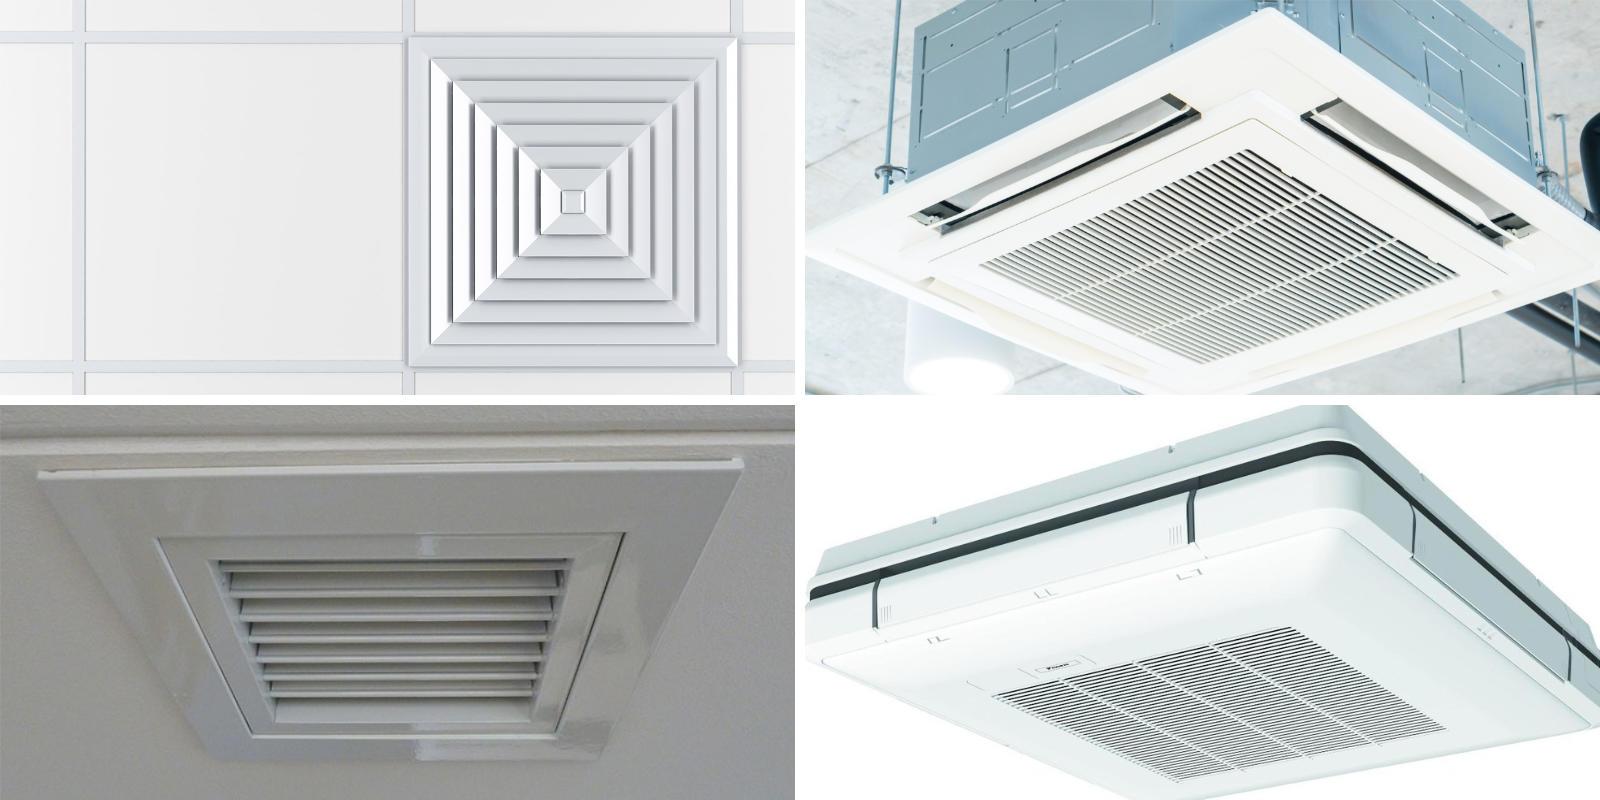 plafond airco